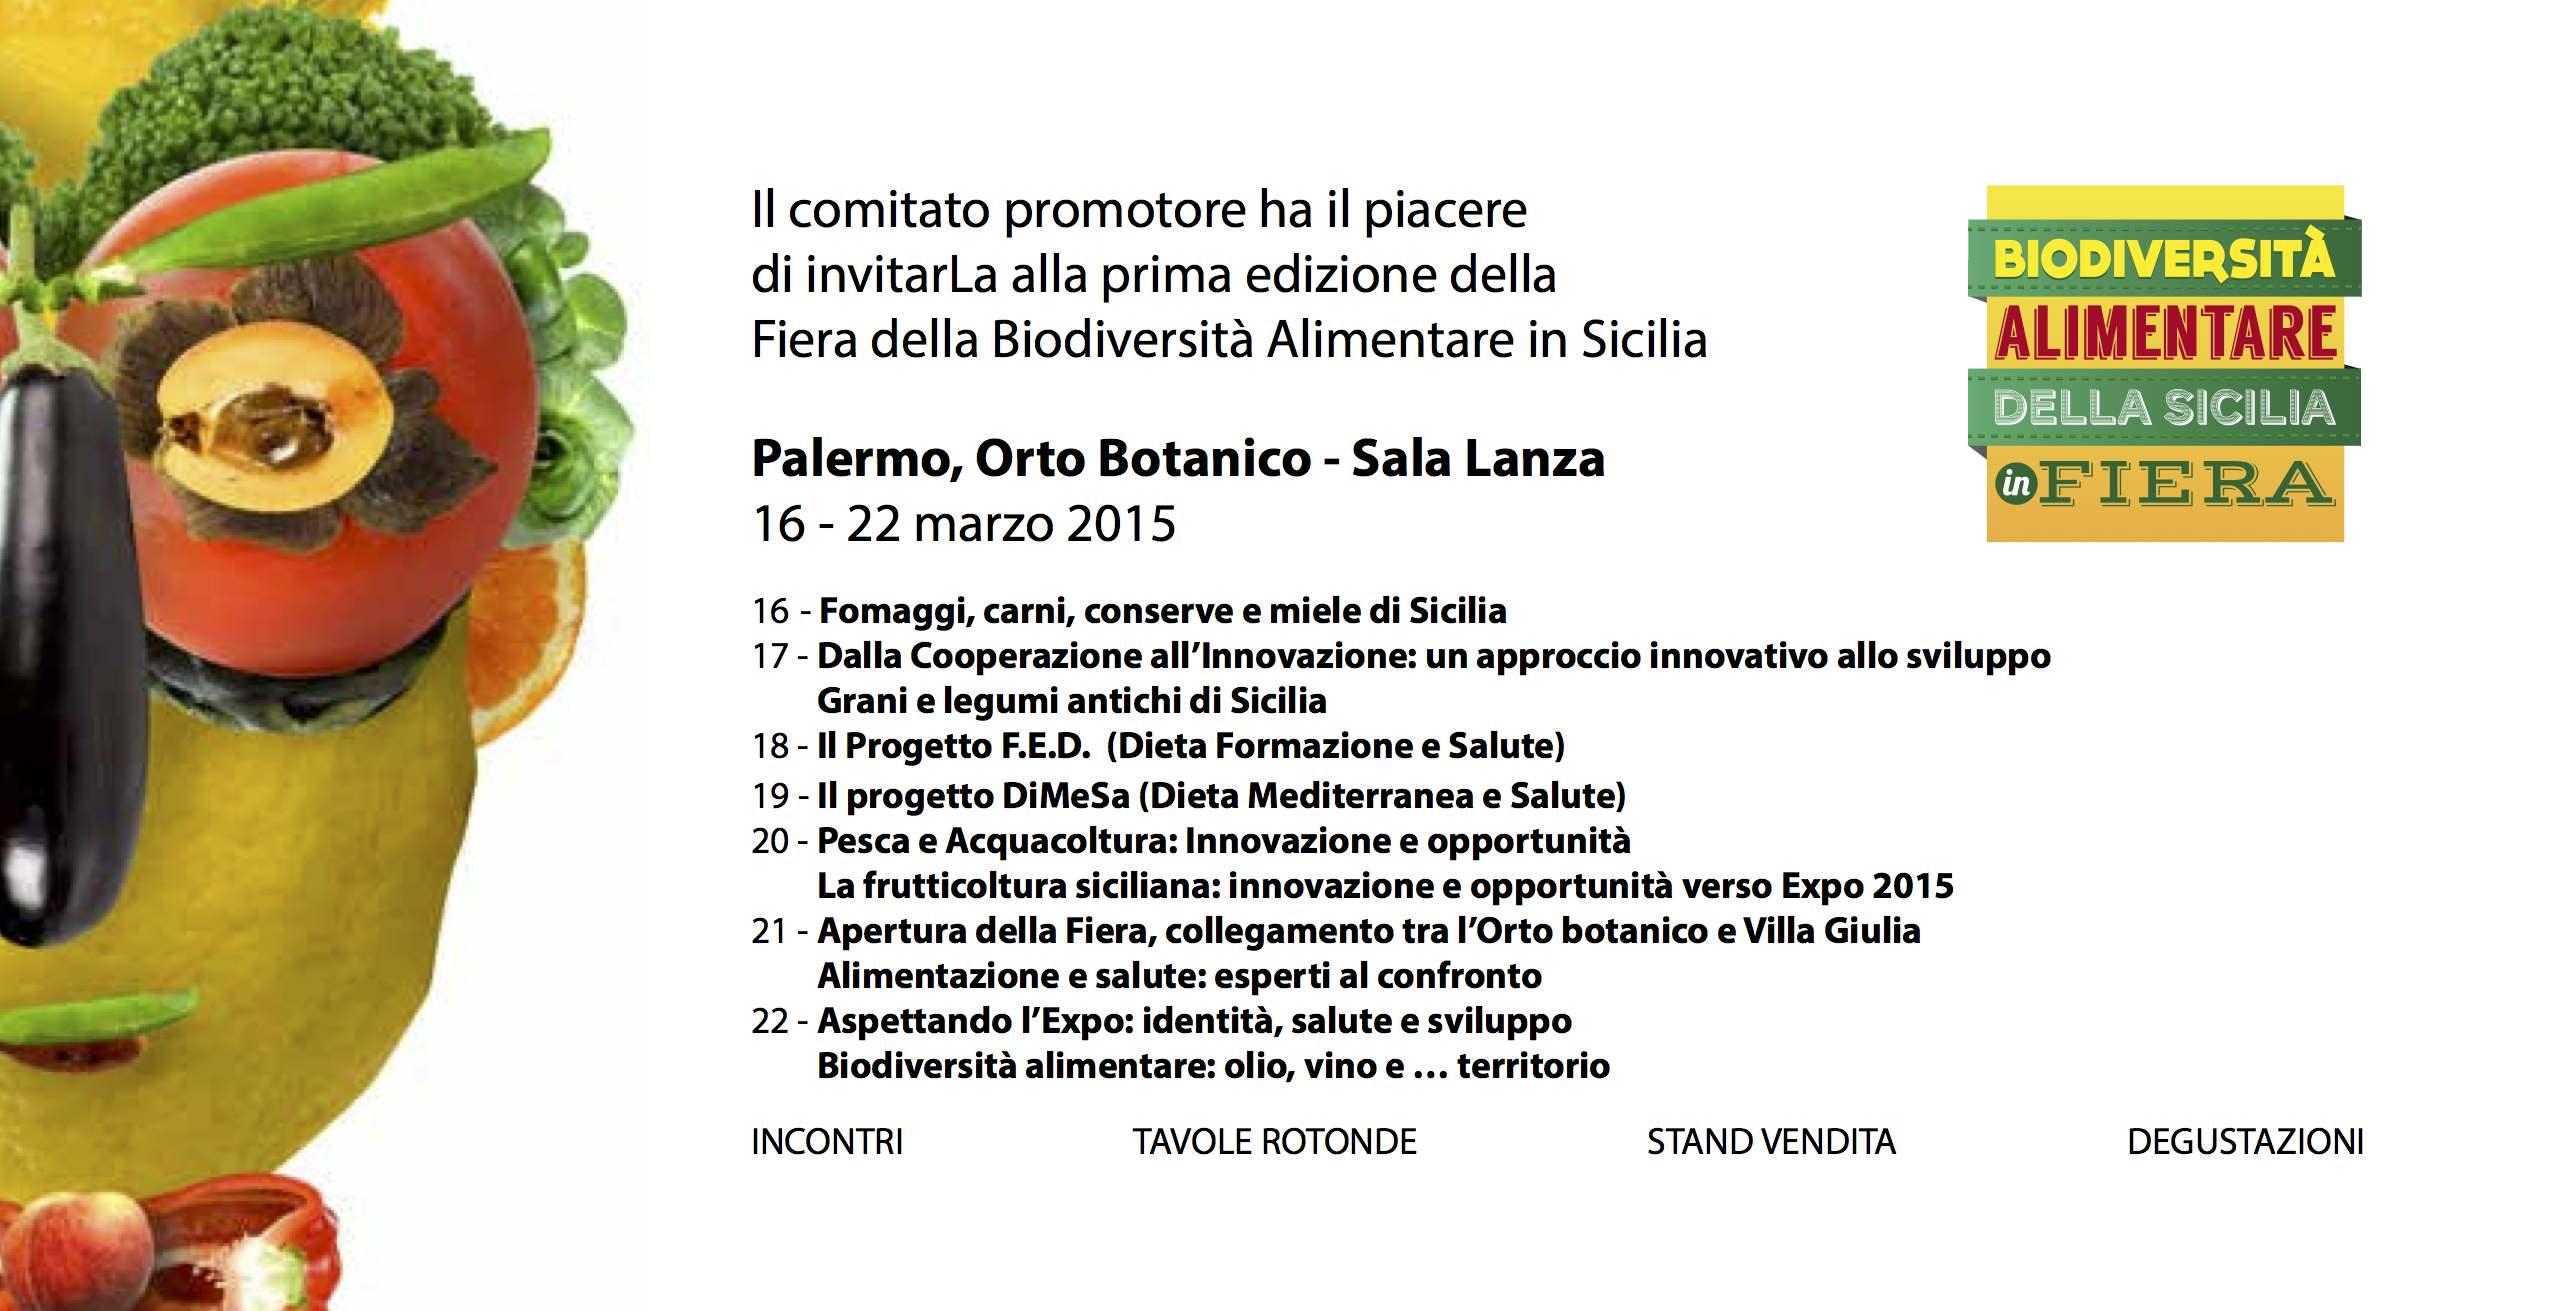 Palermo: Dal 5 all'8 maggio torna in Sicilia la 2^ Fiera della biodiversità alimentare